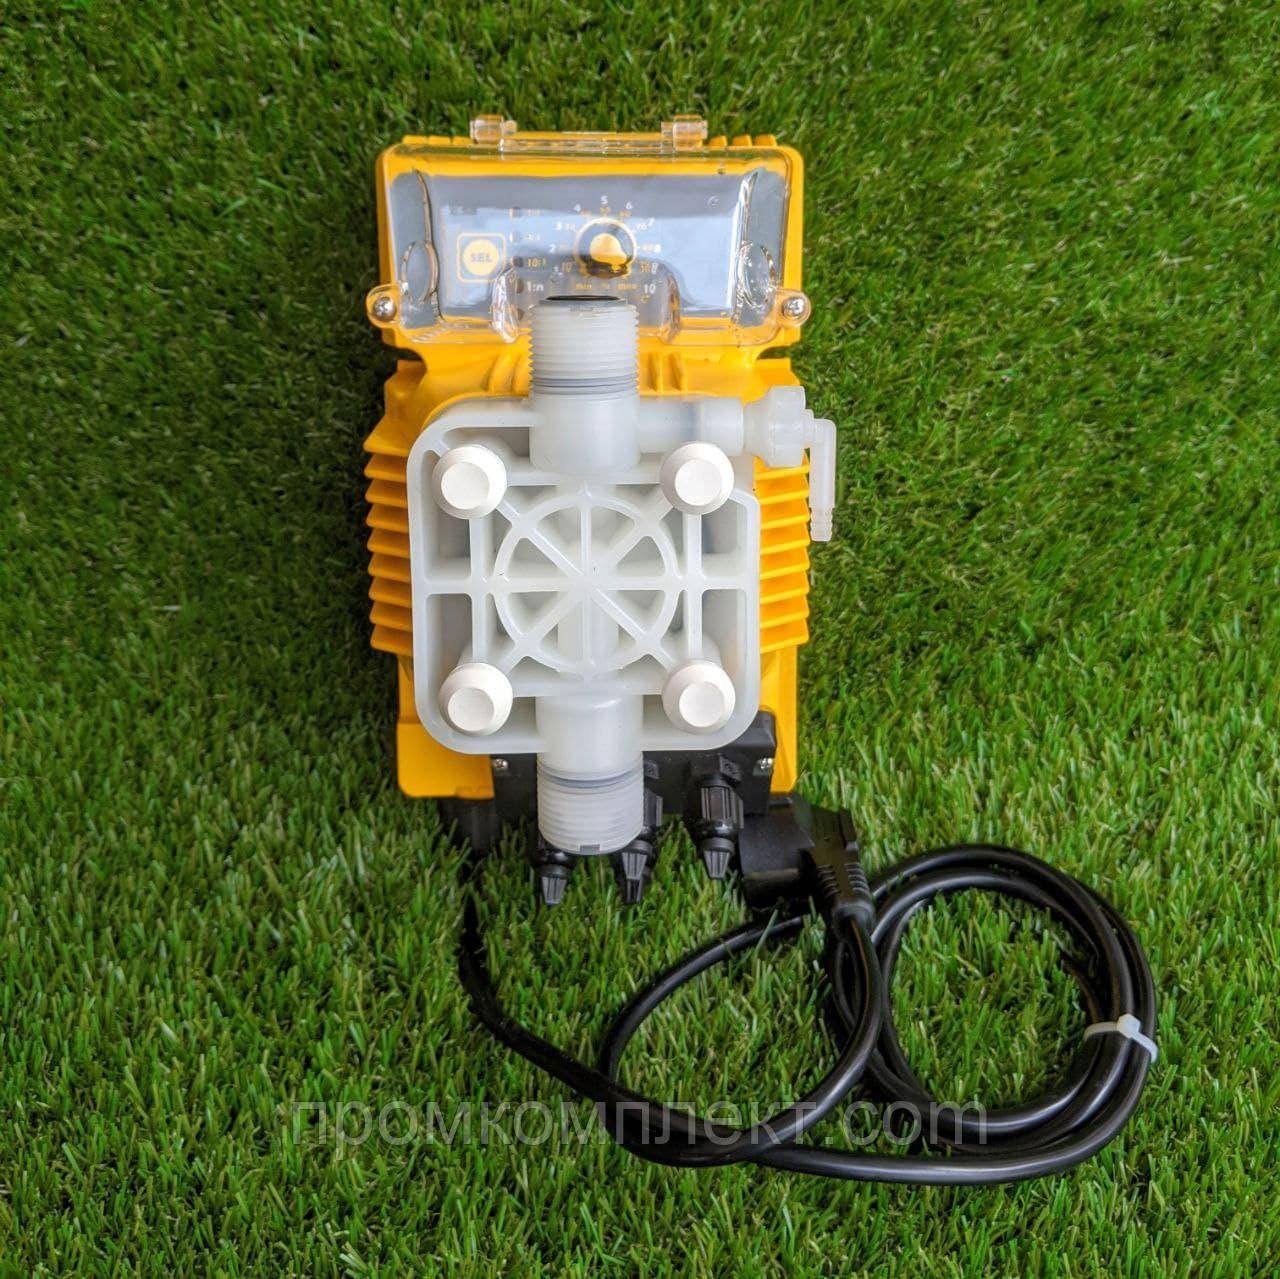 Электромагнитный аналоговый мембранный дозирующий насос Athena 3 AT.BL (Injecta)